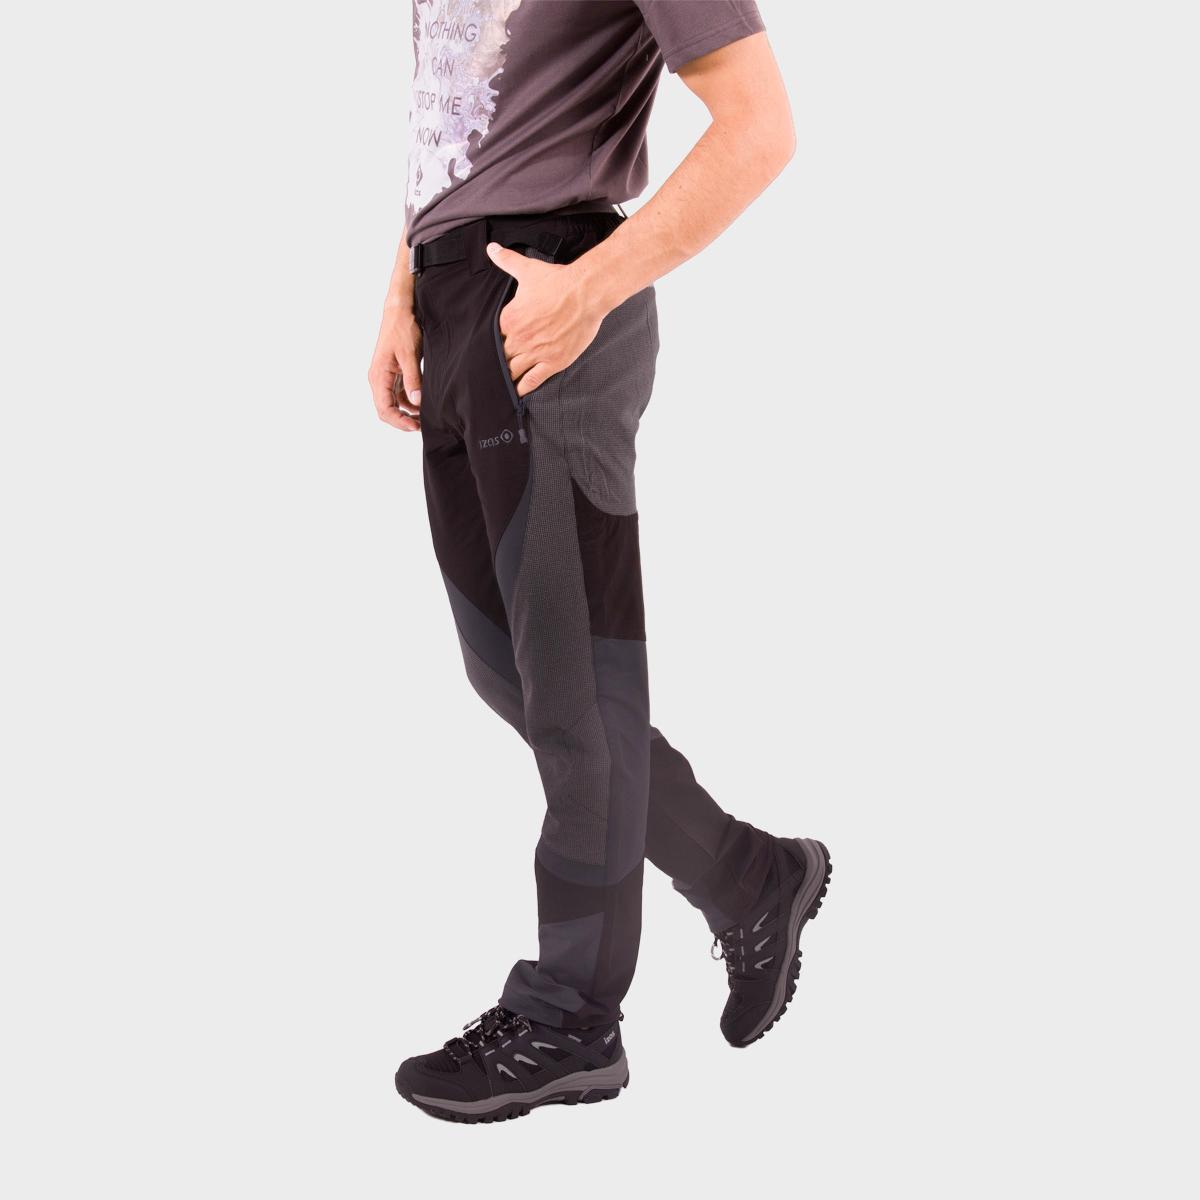 MAN'S TIRICH STRETCH PANT BLACK